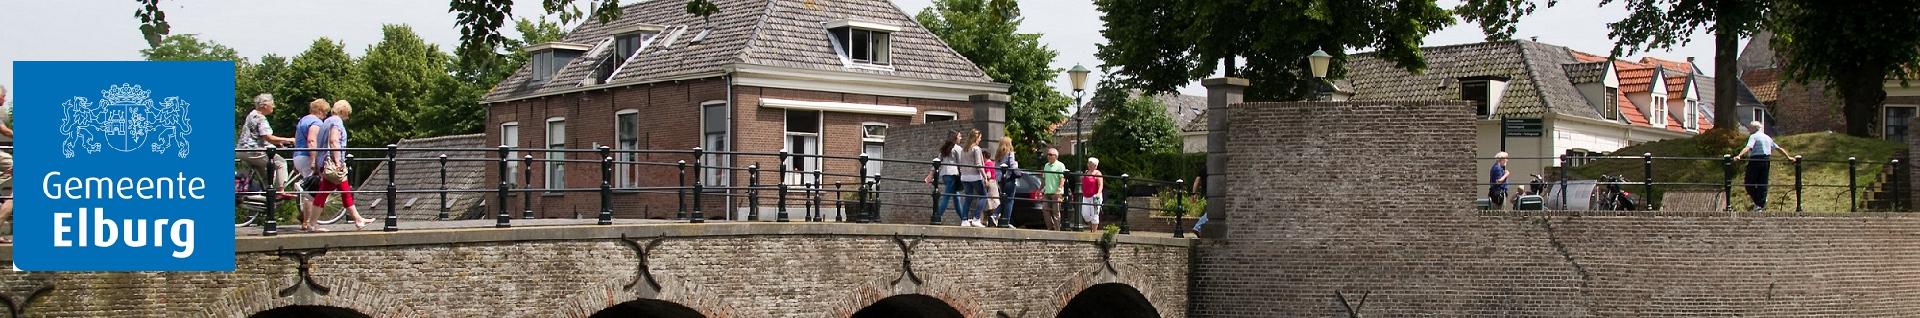 Foto van mensen die over een brug wandelen met op de achtergrond enkele huizen